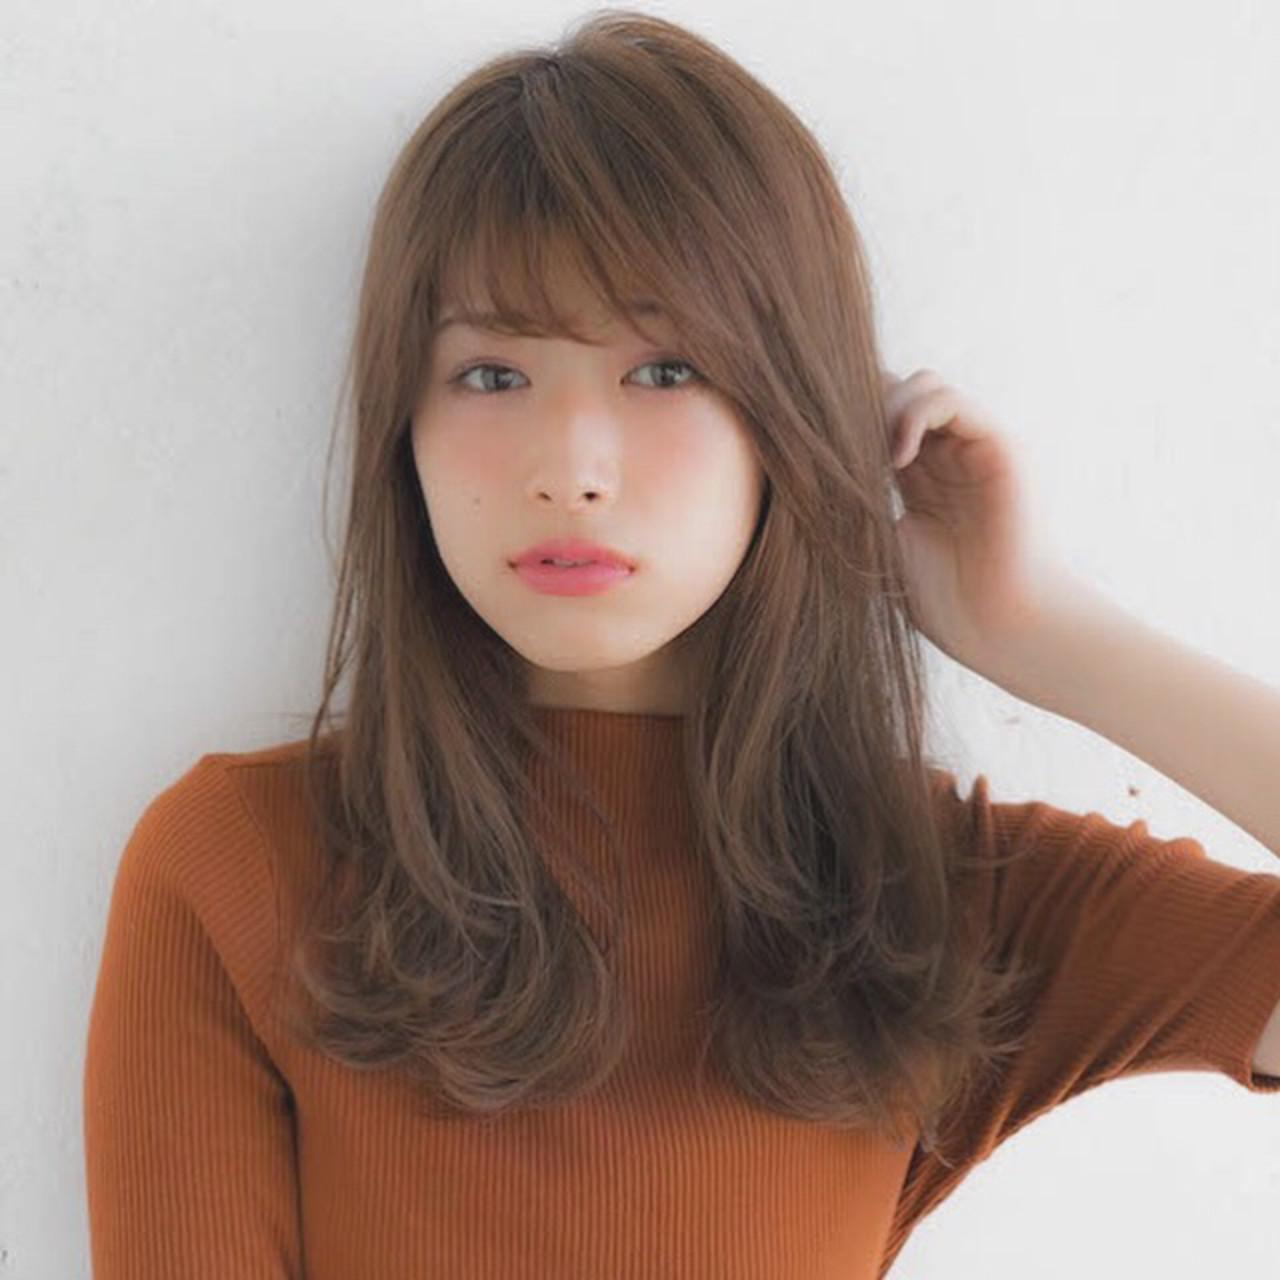 キレイめで好印象の芸能人風ニュアンスパーマ 竹澤 優/relian銀座Top stylist